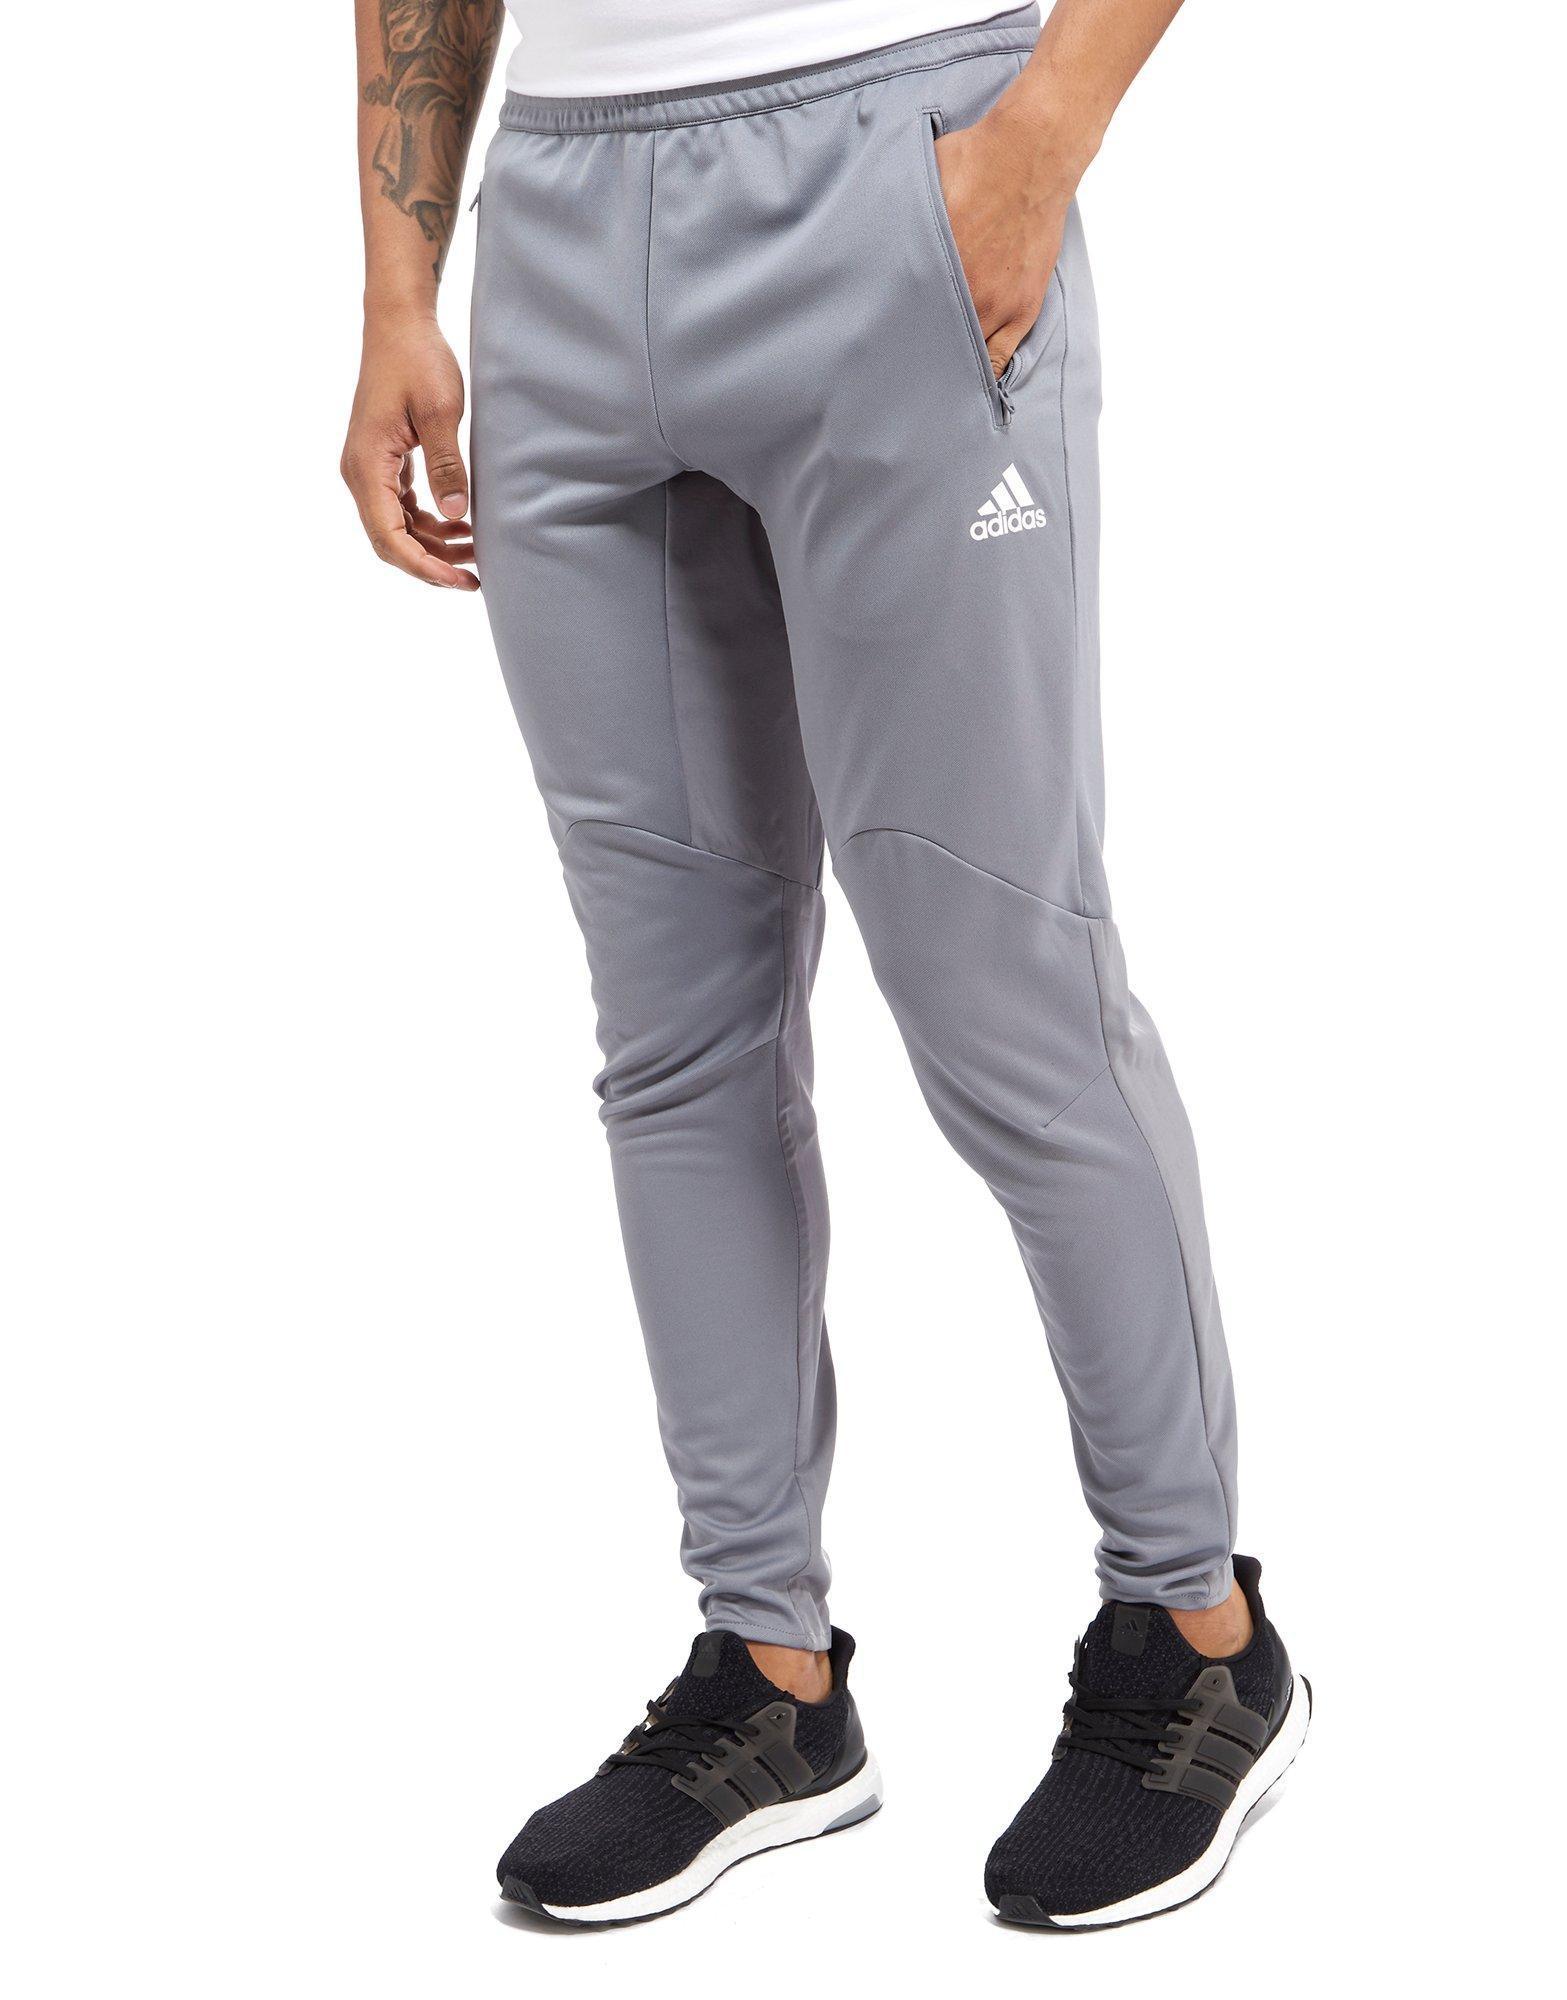 lyst adidas tango futura formazione dei pantaloni in grigio per gli uomini.